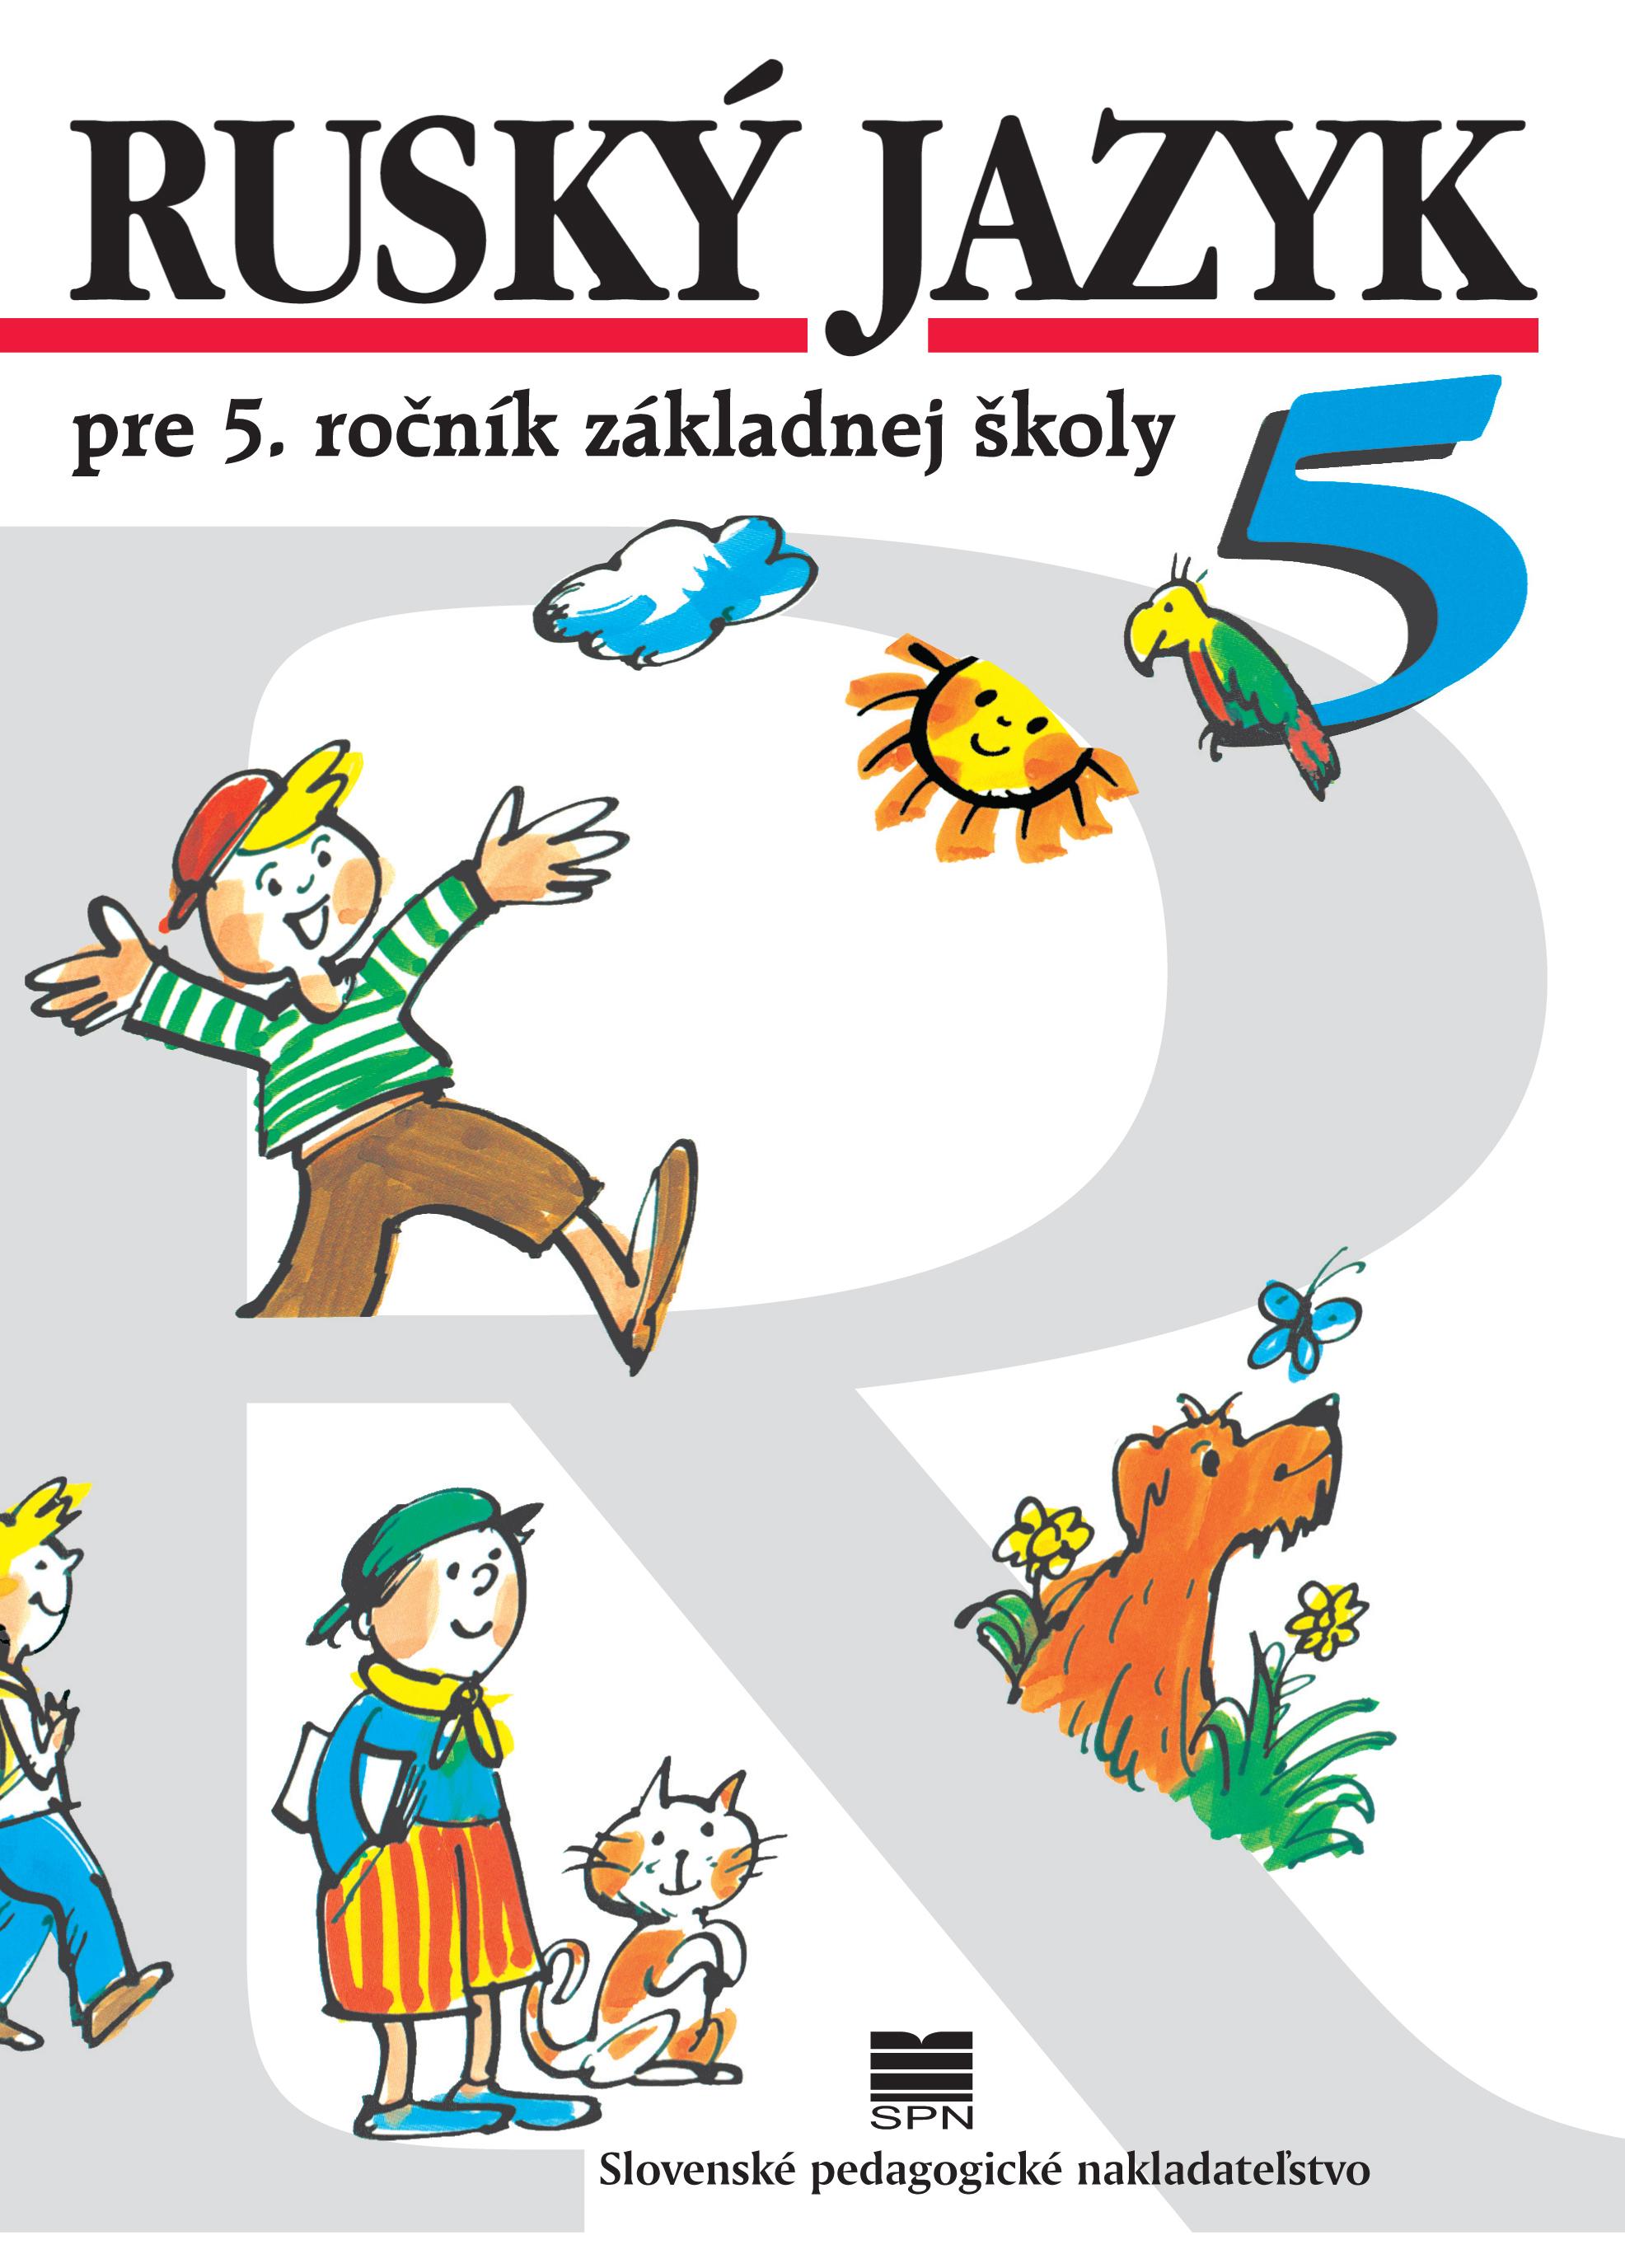 Ruský jazyk pre 5. ročník základnej školy